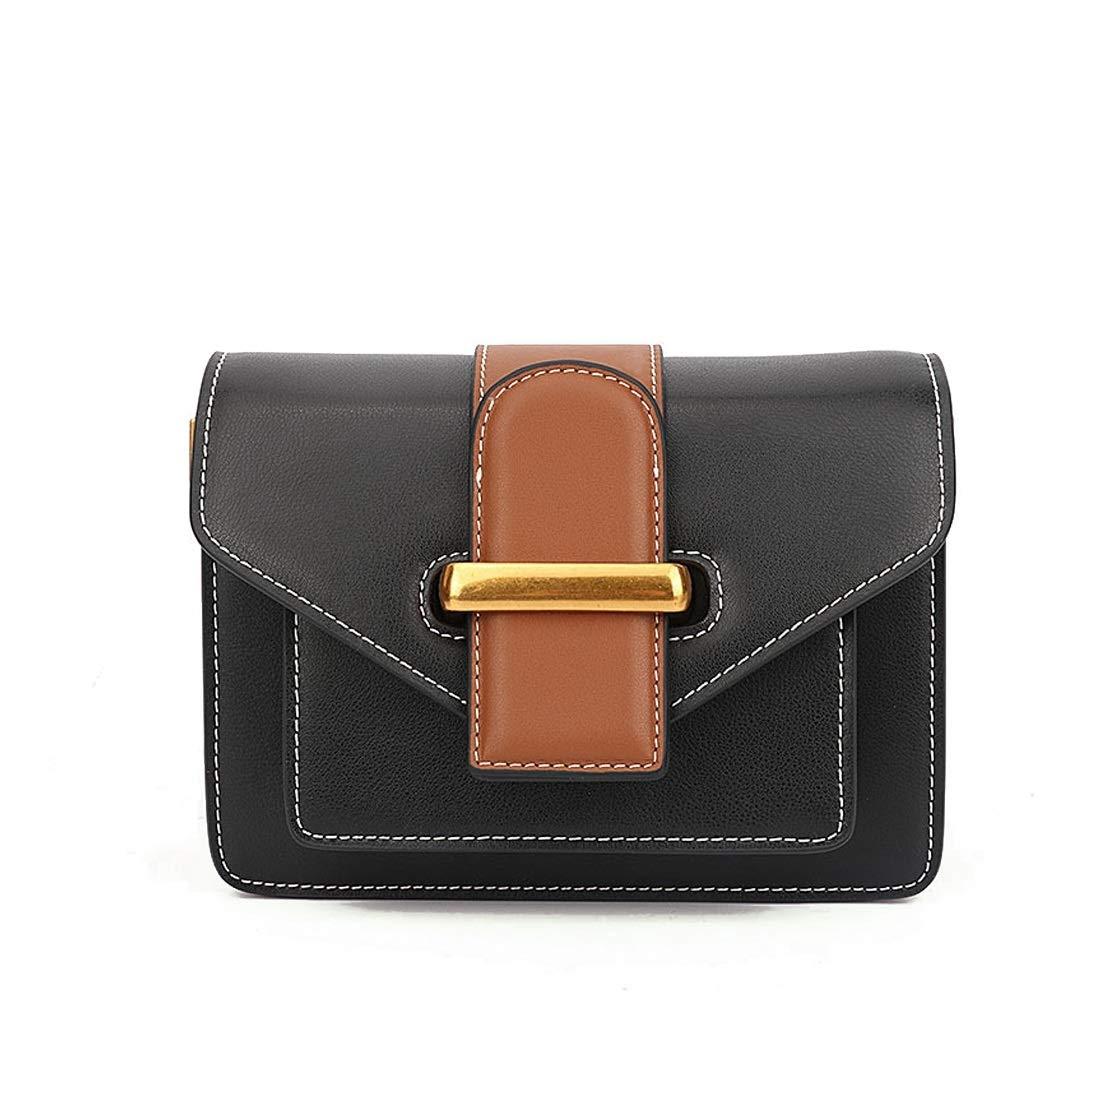 Wine Red AIYAMAYA Simple Retro Belt Buckle Small Square Leather Shoulder Bag Messenger Bag